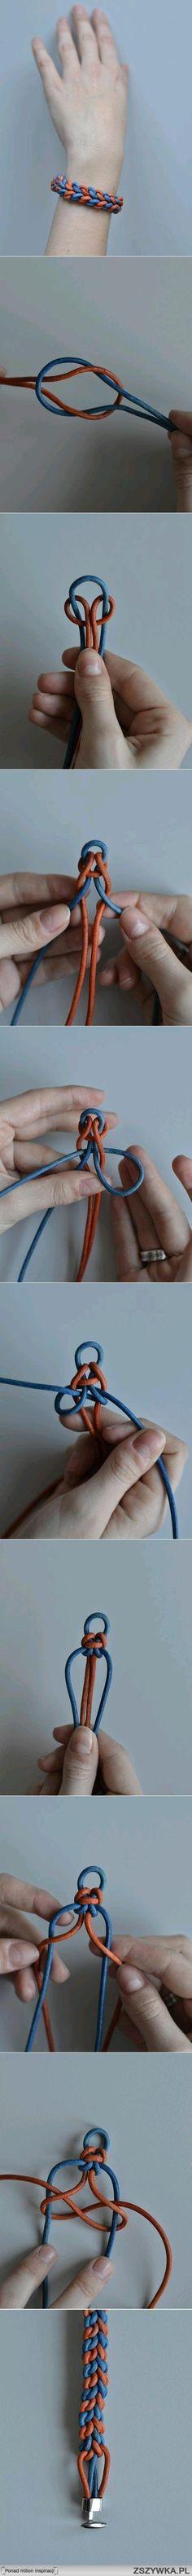 Diy braided bracelet tutorial